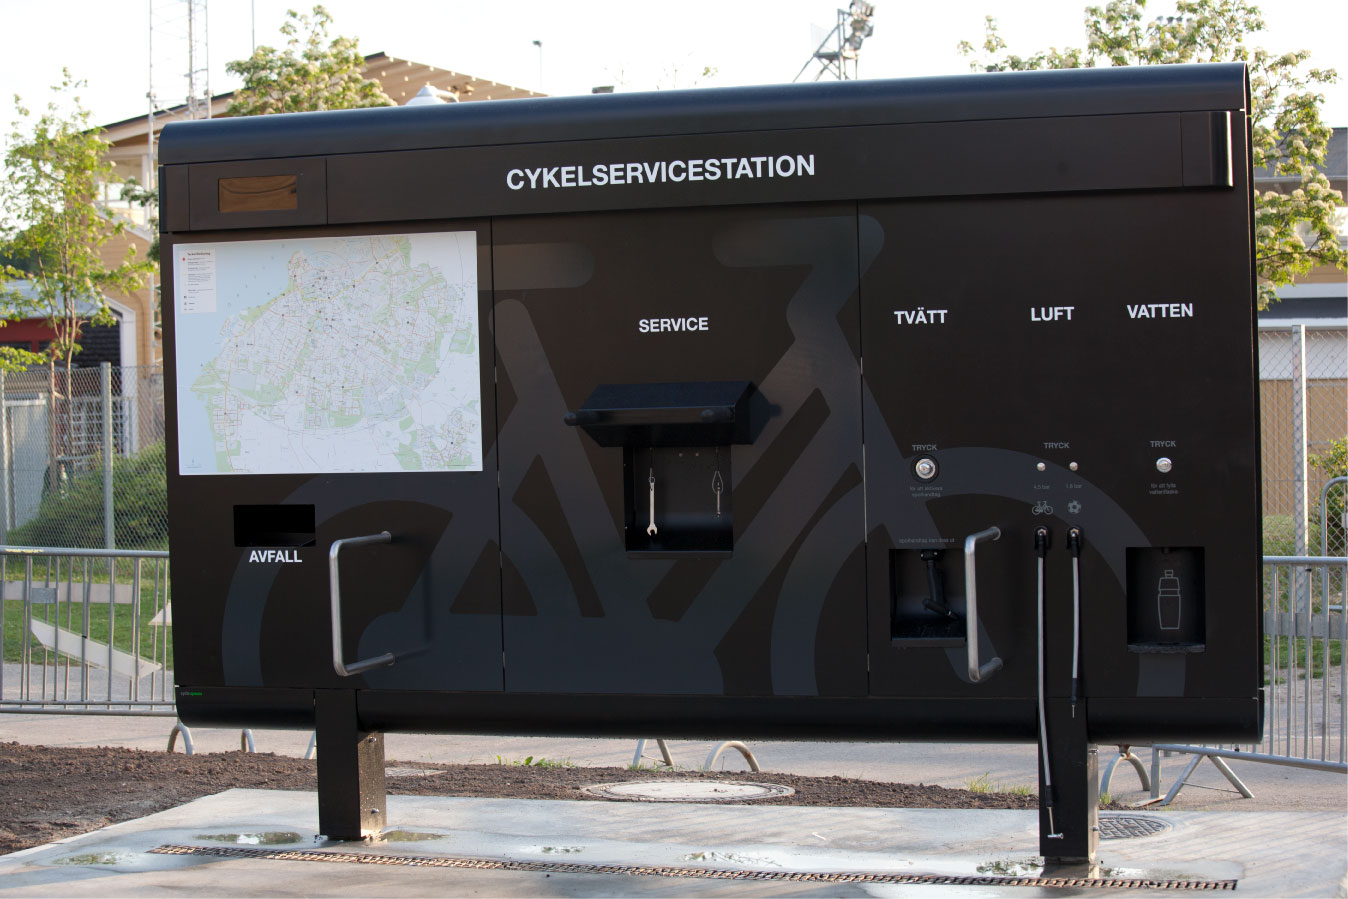 Cyklos GRAND 3600 pyöränhuoltopiste polkupyörille. Ilmaa renkaisiin, pesupiste sekä juomapullon täyttö. Karttaa voidaan myös yhdistää